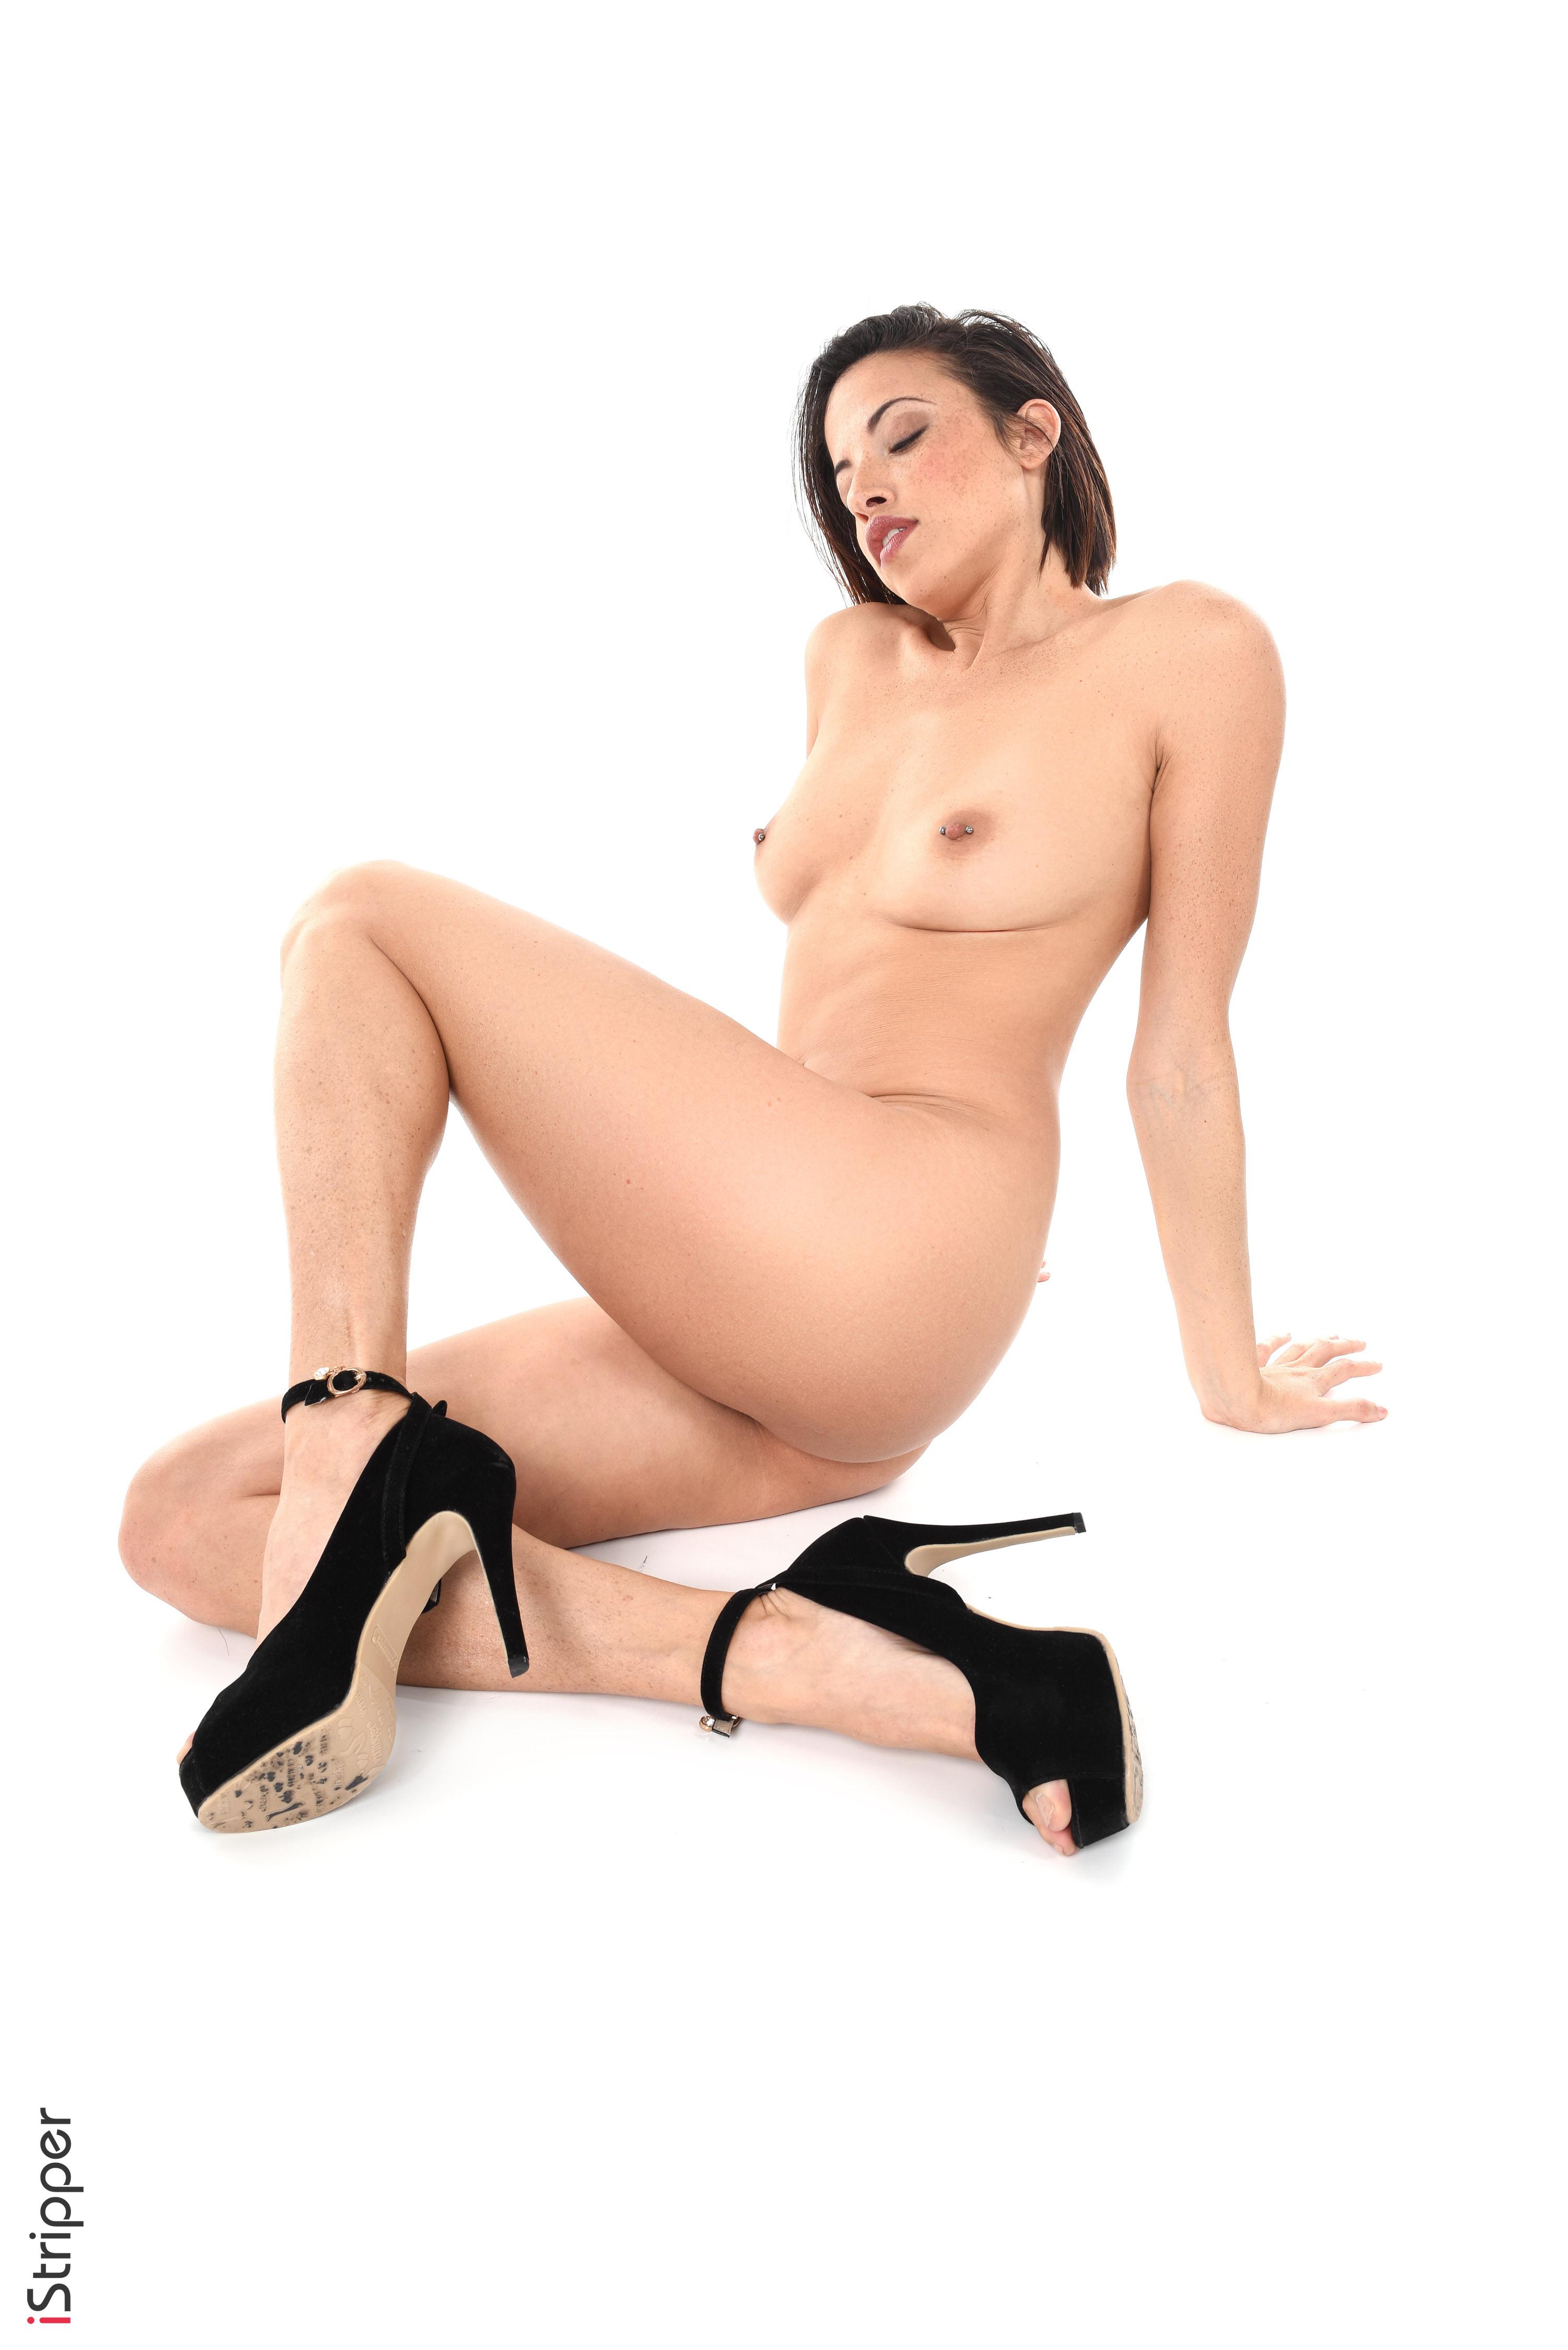 topless women wallpaper